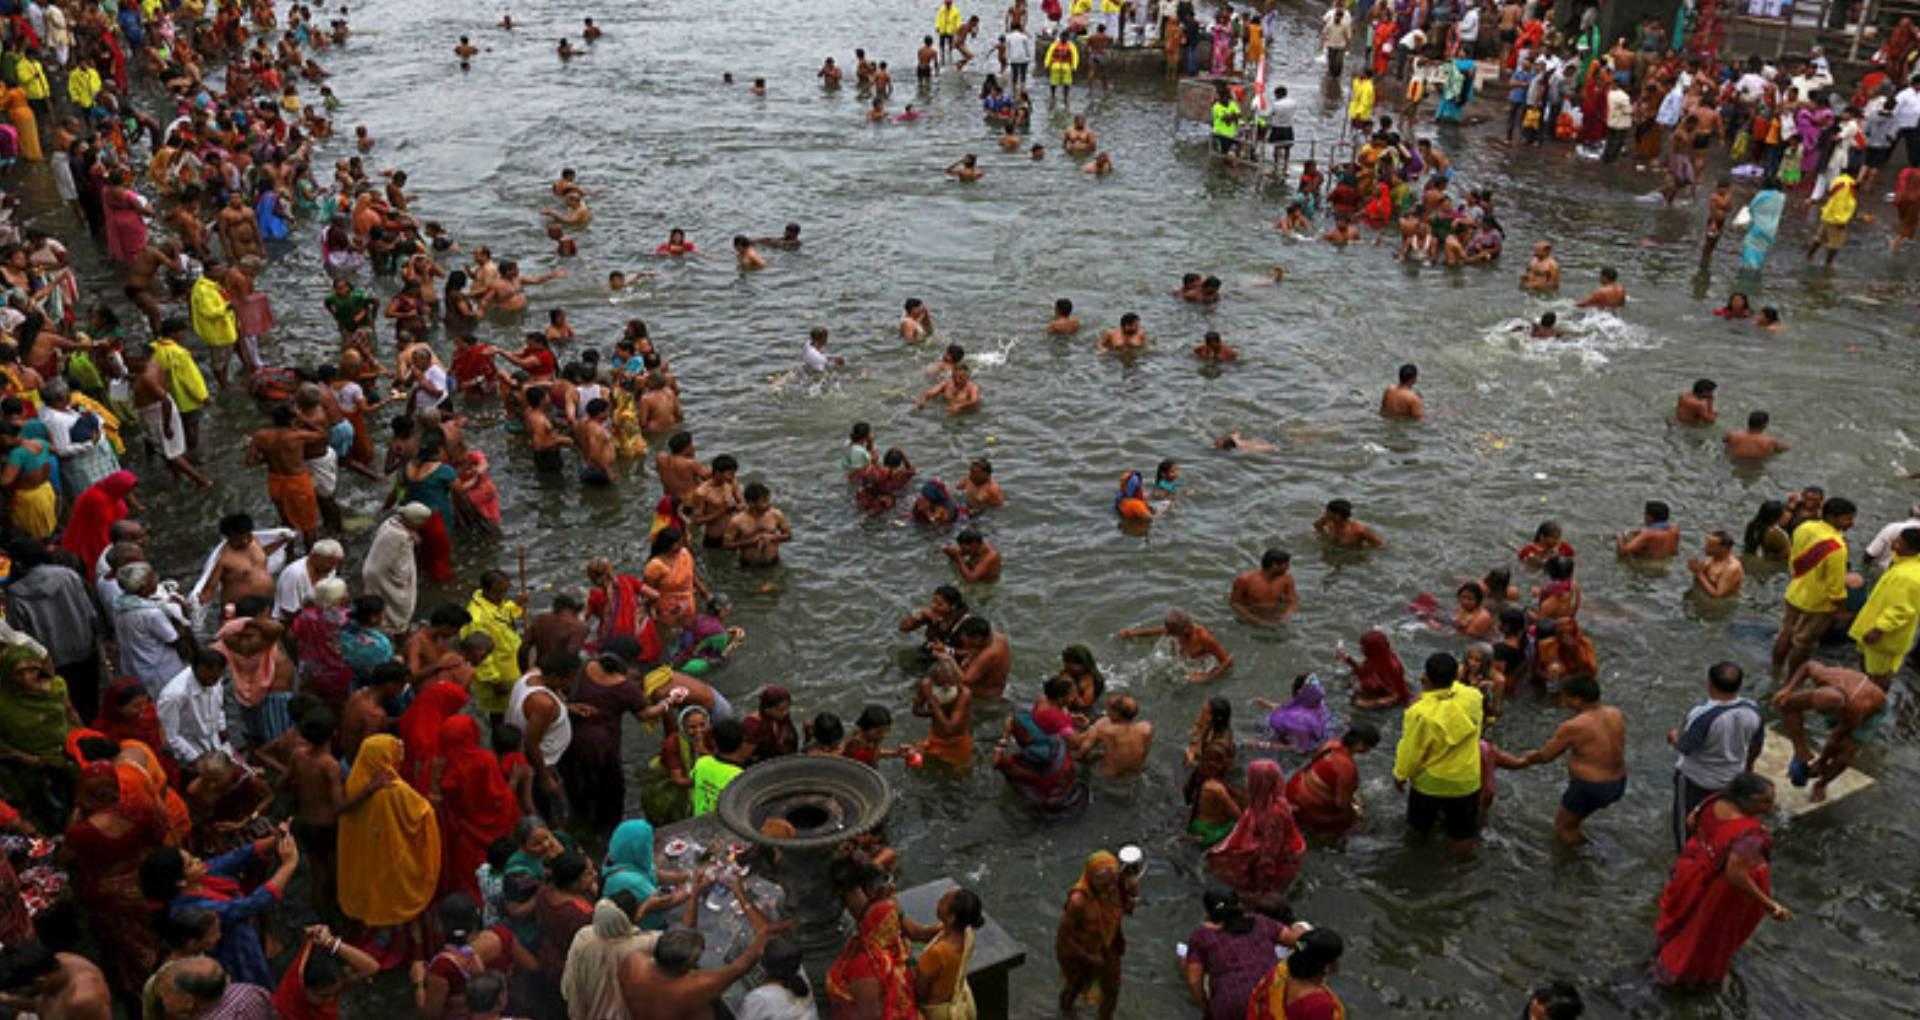 Kumbh Mela 2019: मकर संक्रांति के दिन शाही स्नान से धुलते हैं पूर्वजों के पाप, जाने क्या कहा गया है शास्त्रों में